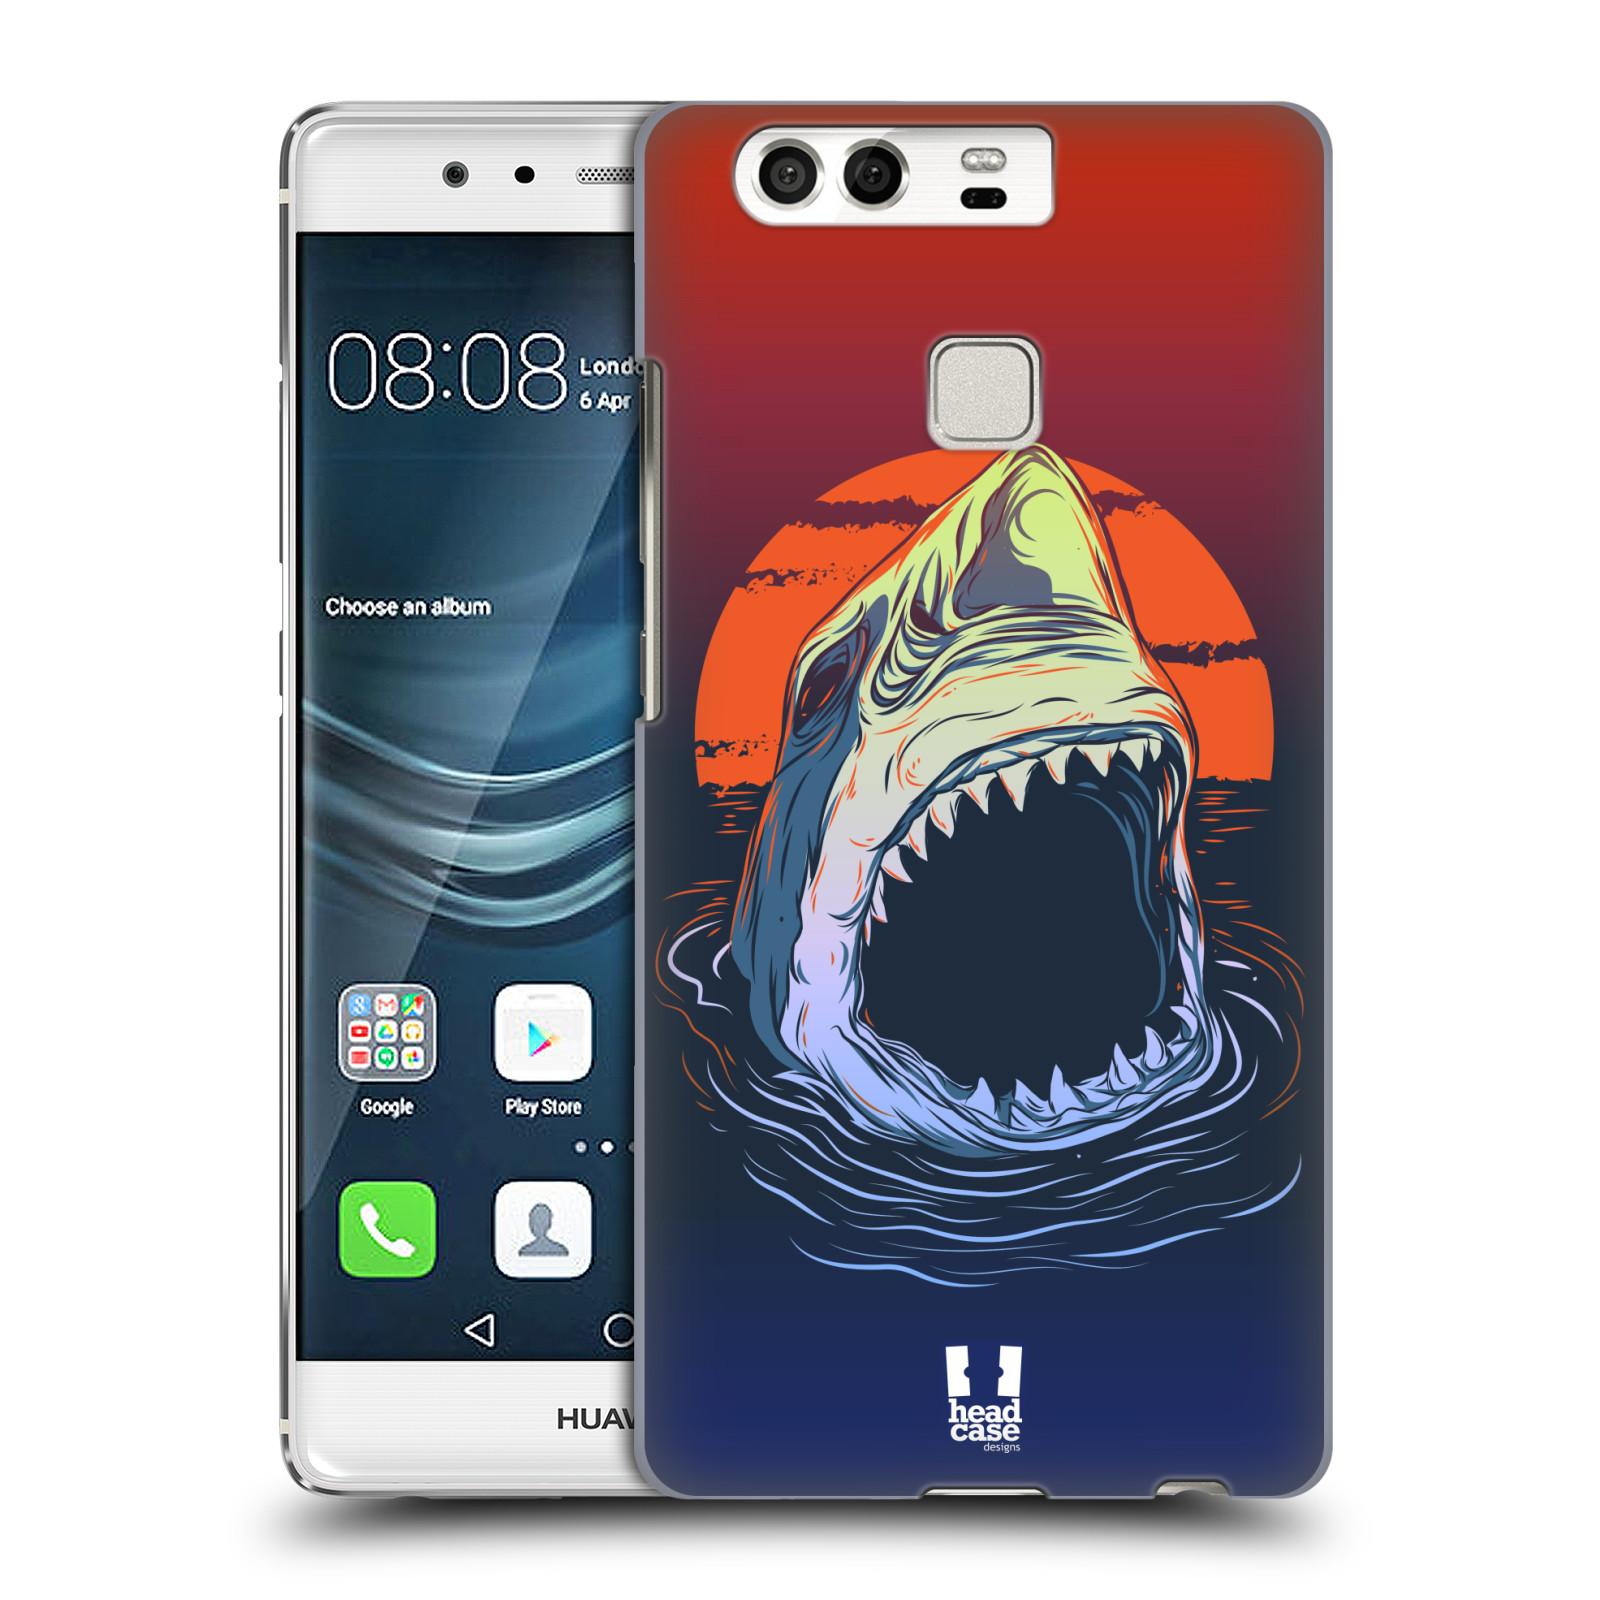 HEAD CASE plastový obal na mobil Huawei P9 / P9 DUAL SIM vzor mořská monstra žralok